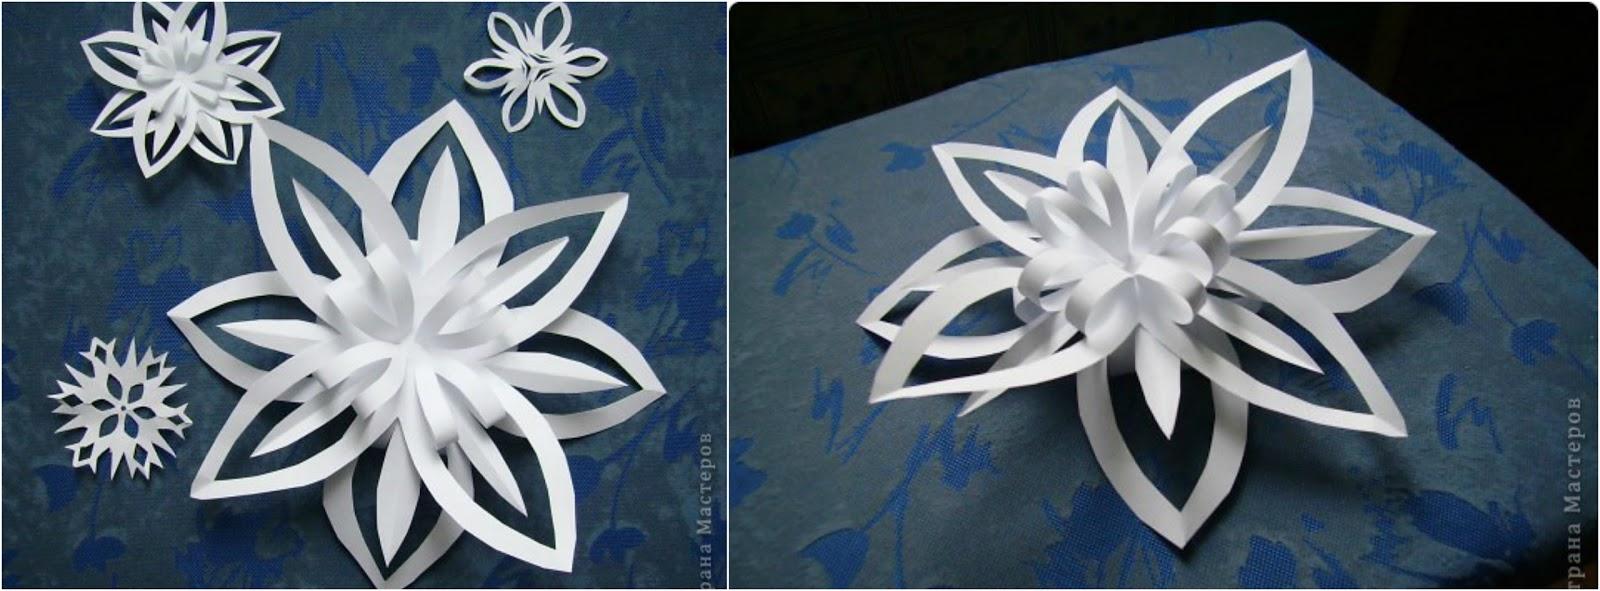 Tutorial f cil aprende c mo hacer adornos de papel para - Adornos de papel para navidad ...